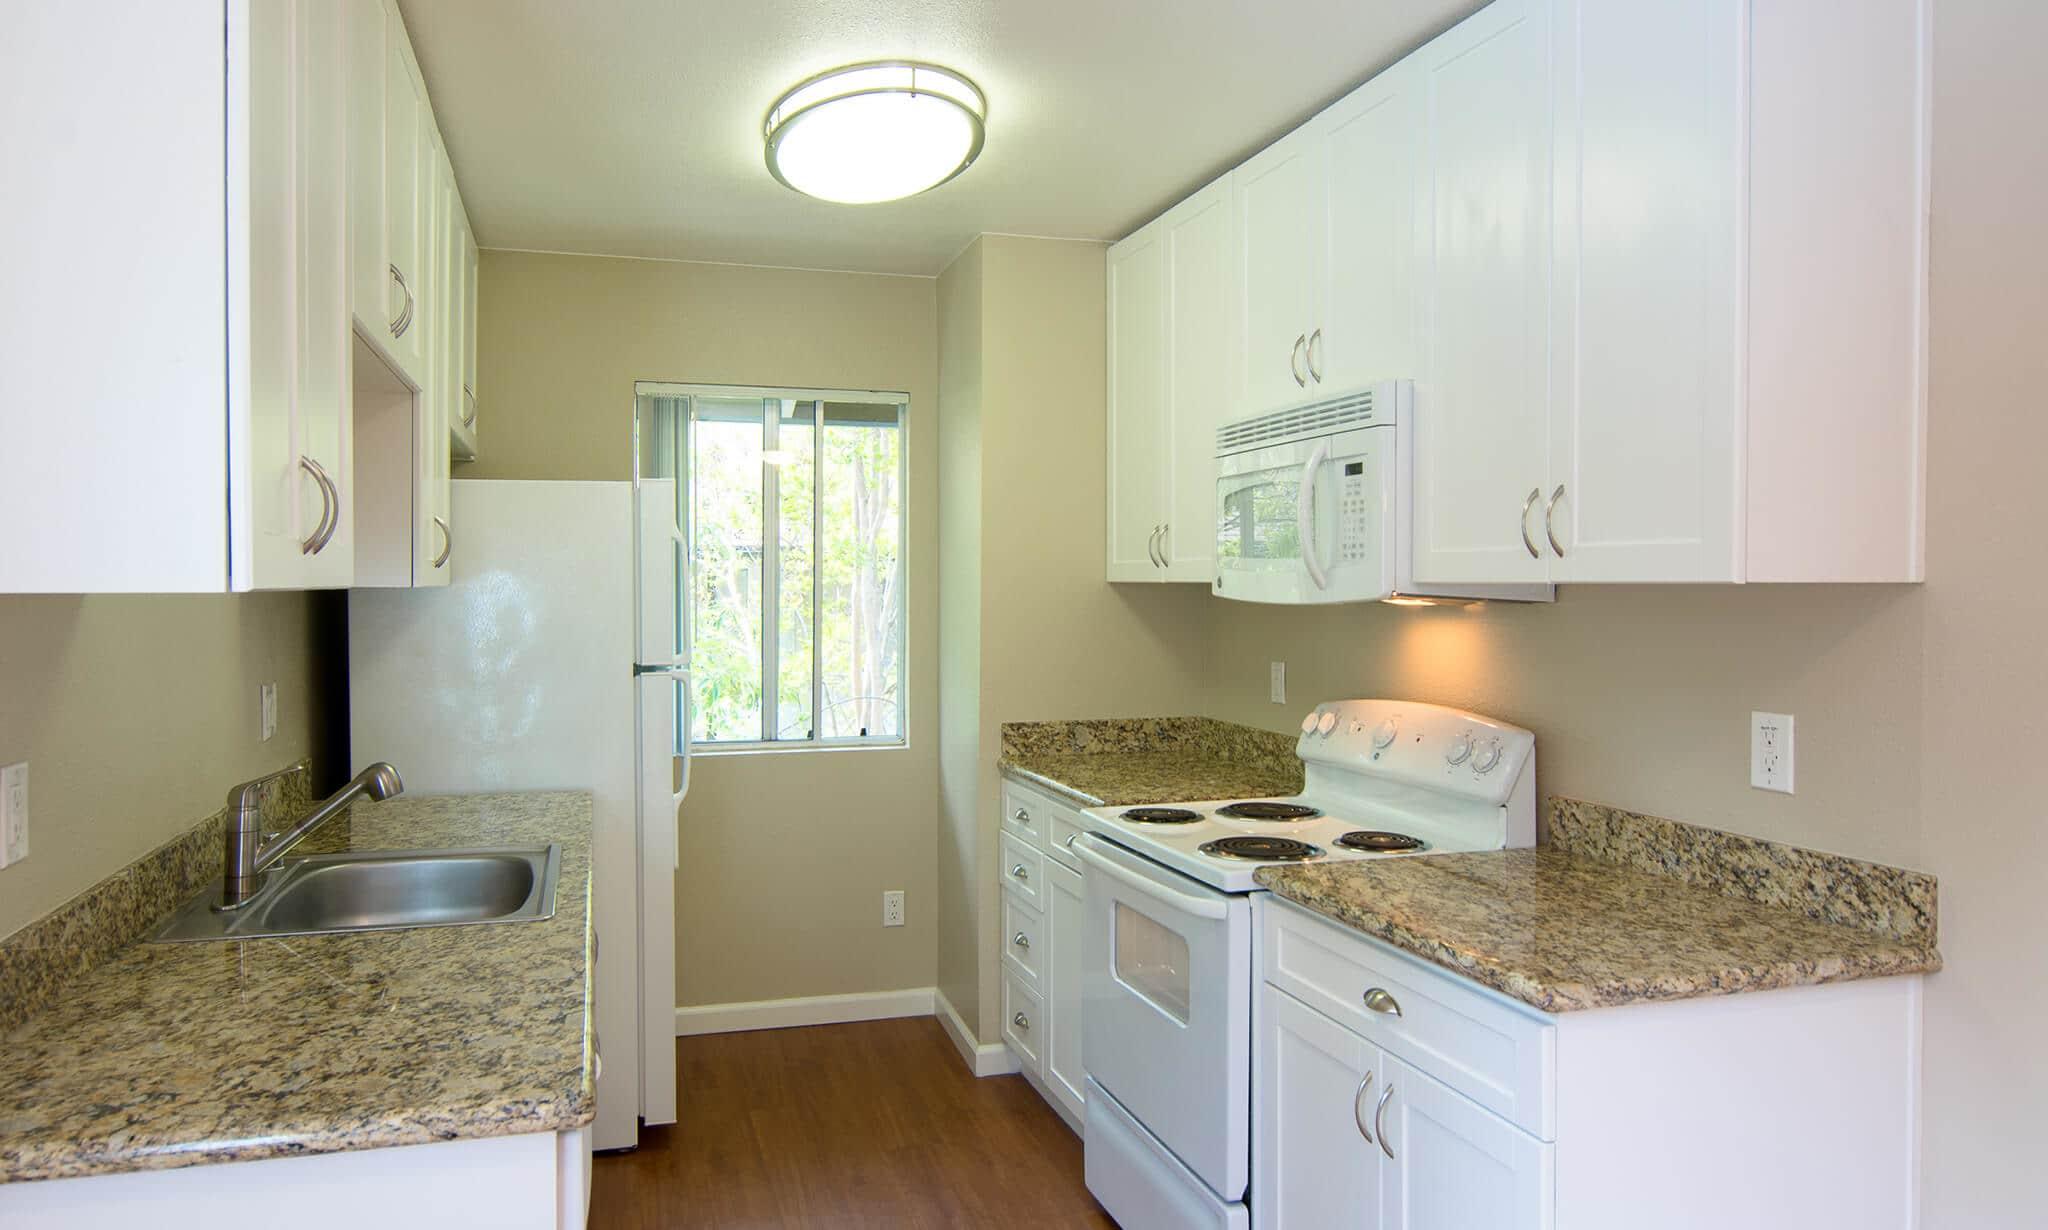 Montecito Apartments apartments in Santa Clara CA to rent photo 7